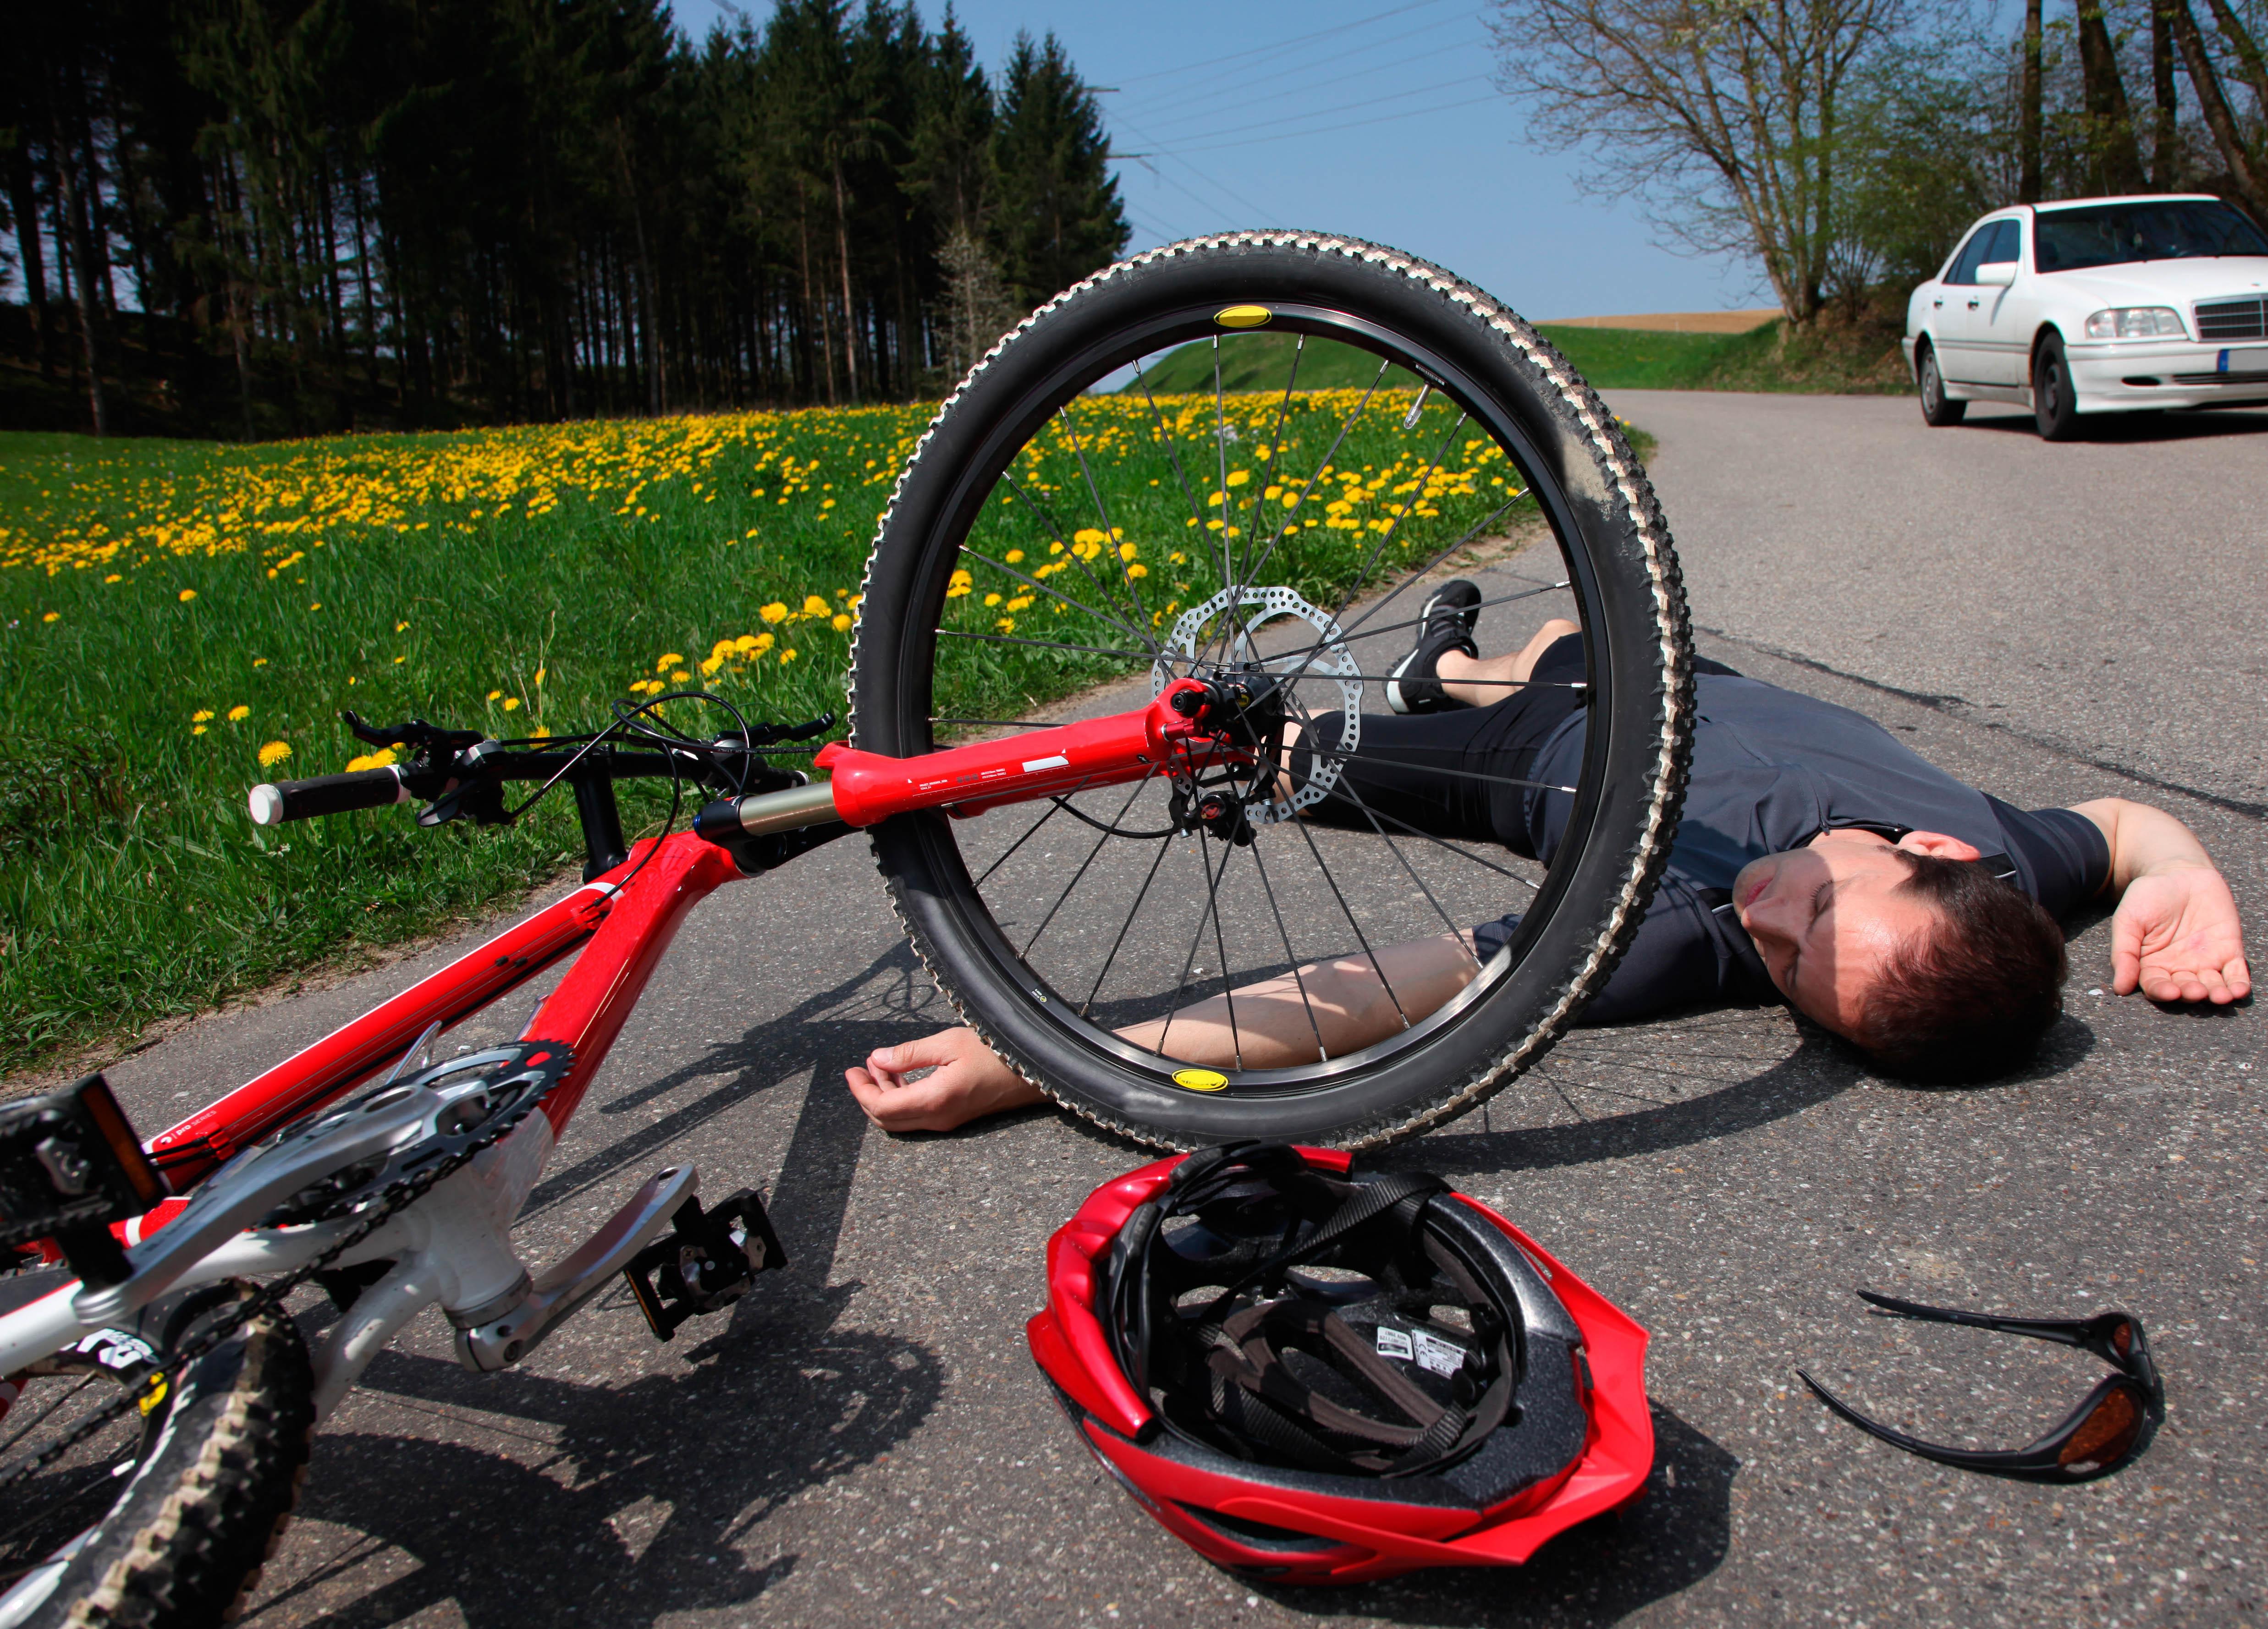 Acidentes com ciclistas tem aumento preocupante